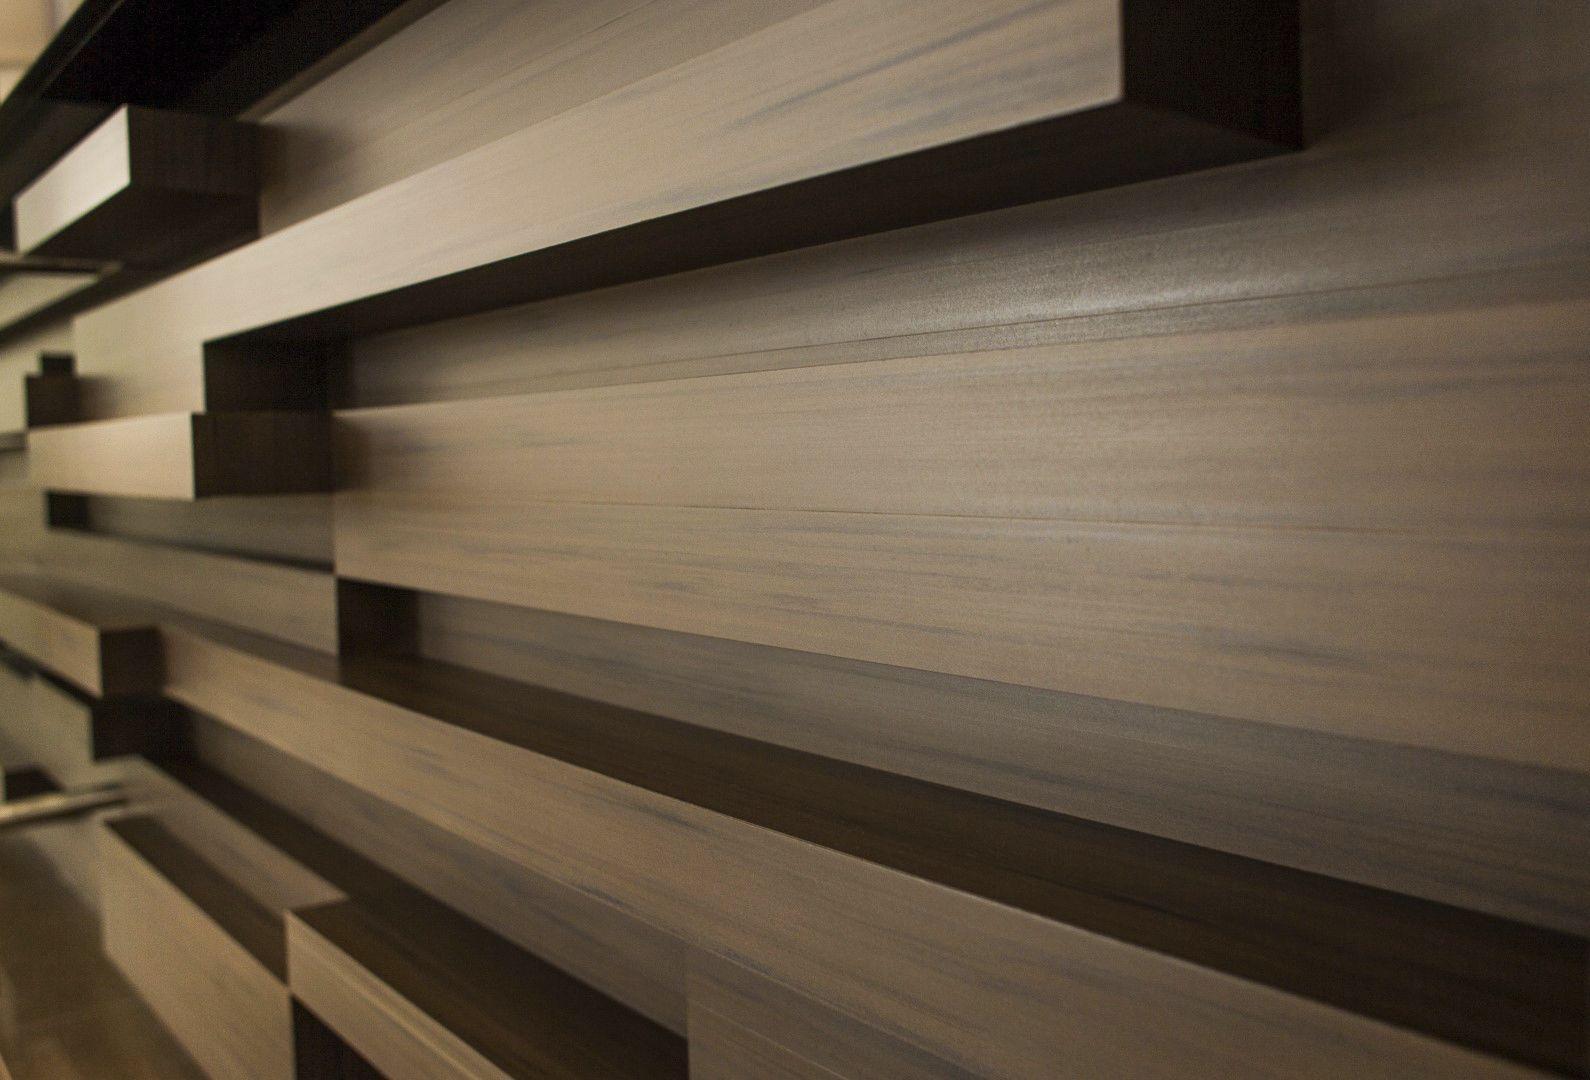 Rivestimento In Legno Pareti Interne : Pannello in composito di rivestimento in legno da parete per